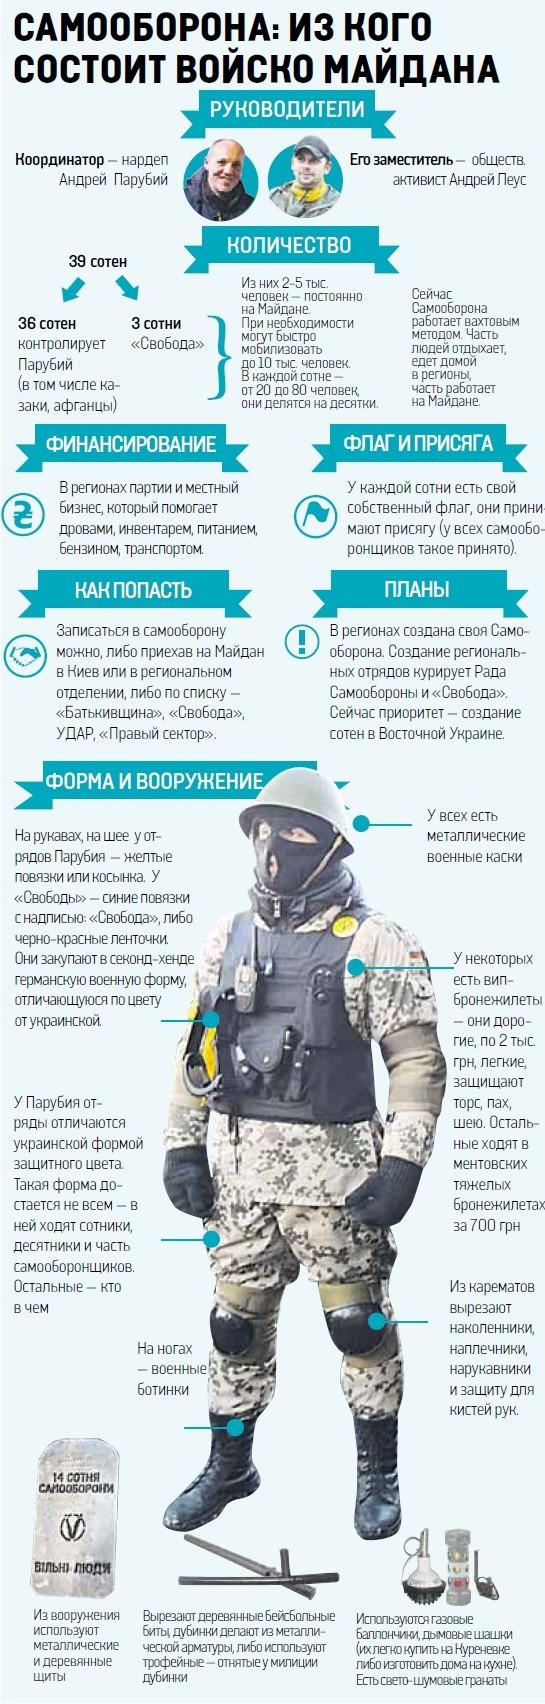 Самооборона Майдана (Инфографика)